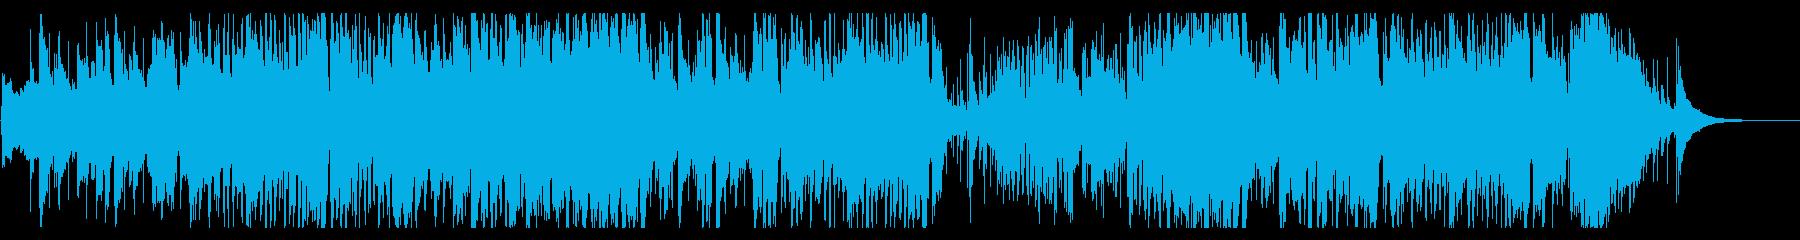 コンガ+トランペットのジャズテイスト曲の再生済みの波形